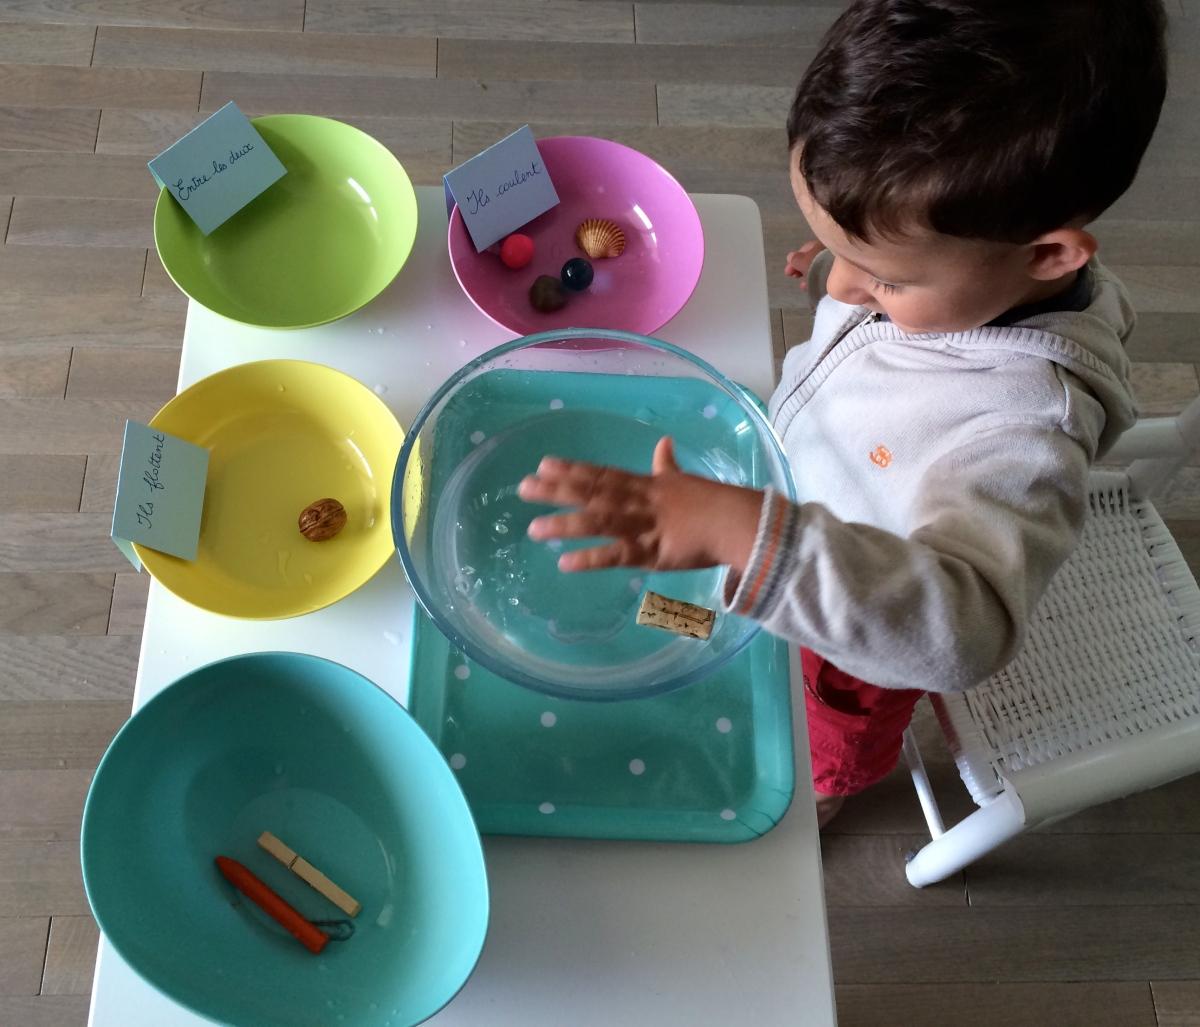 L'Activité Montessori du Jour : flotte ou coule ?